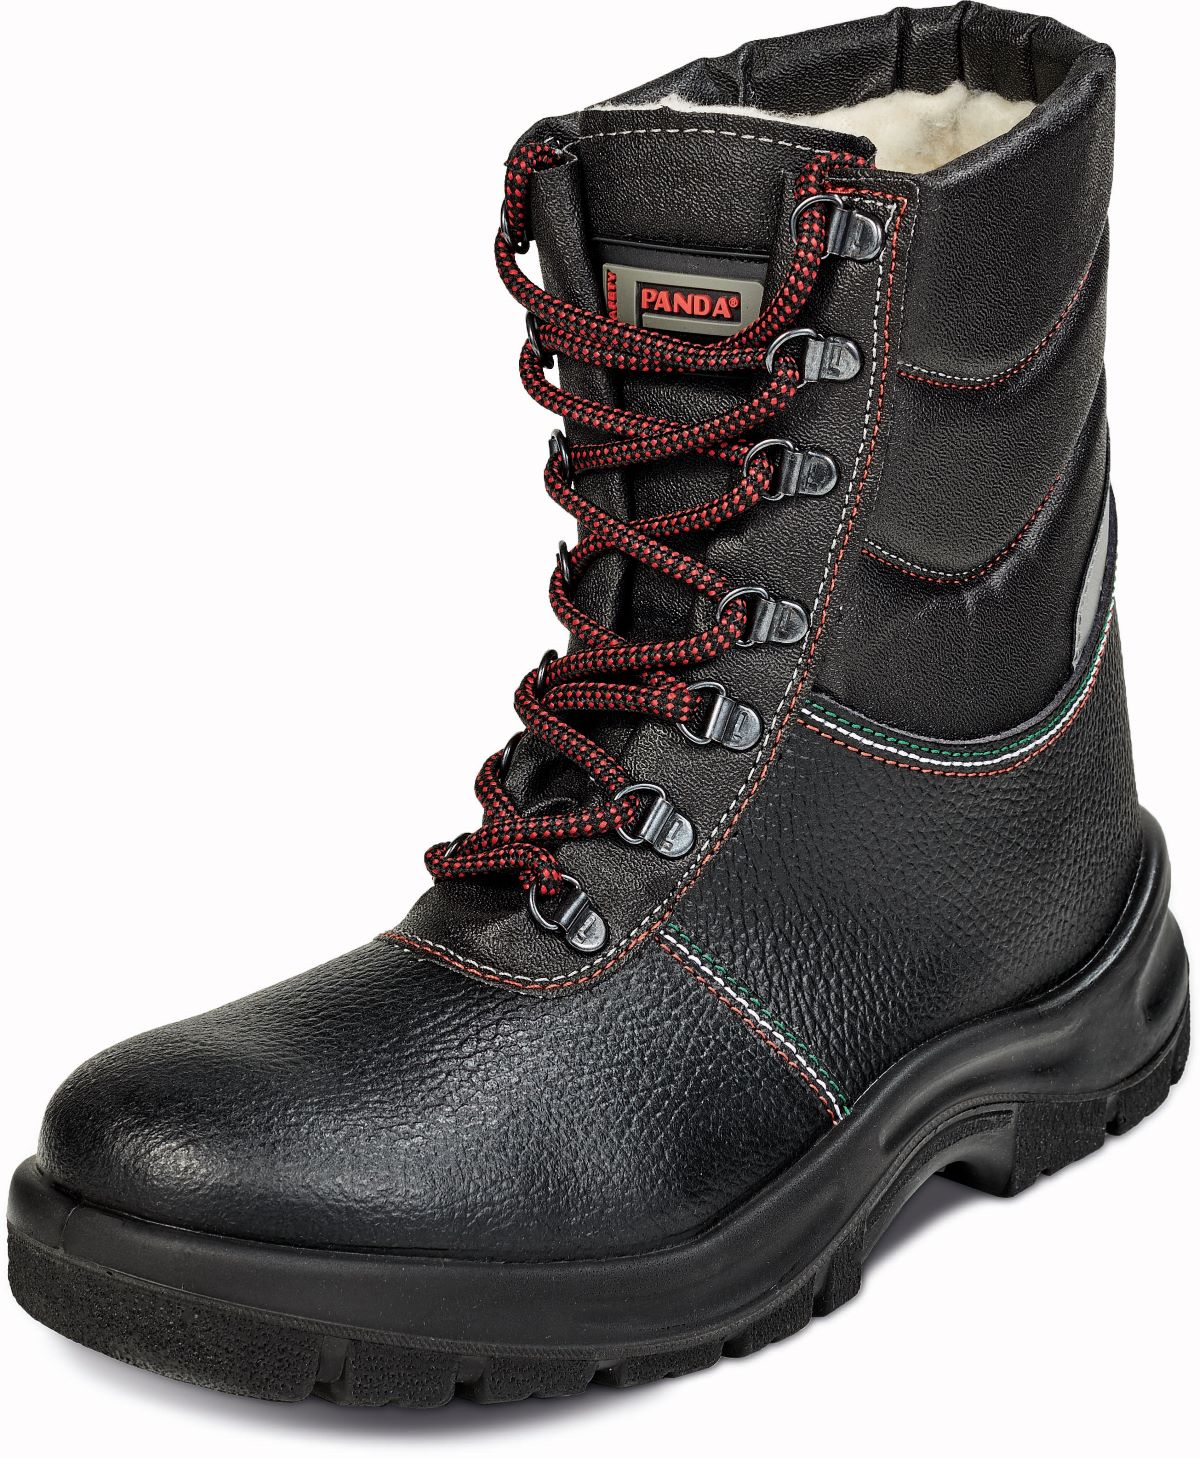 6039-S3 DUCATO PANDA zimní obuv prac. 37